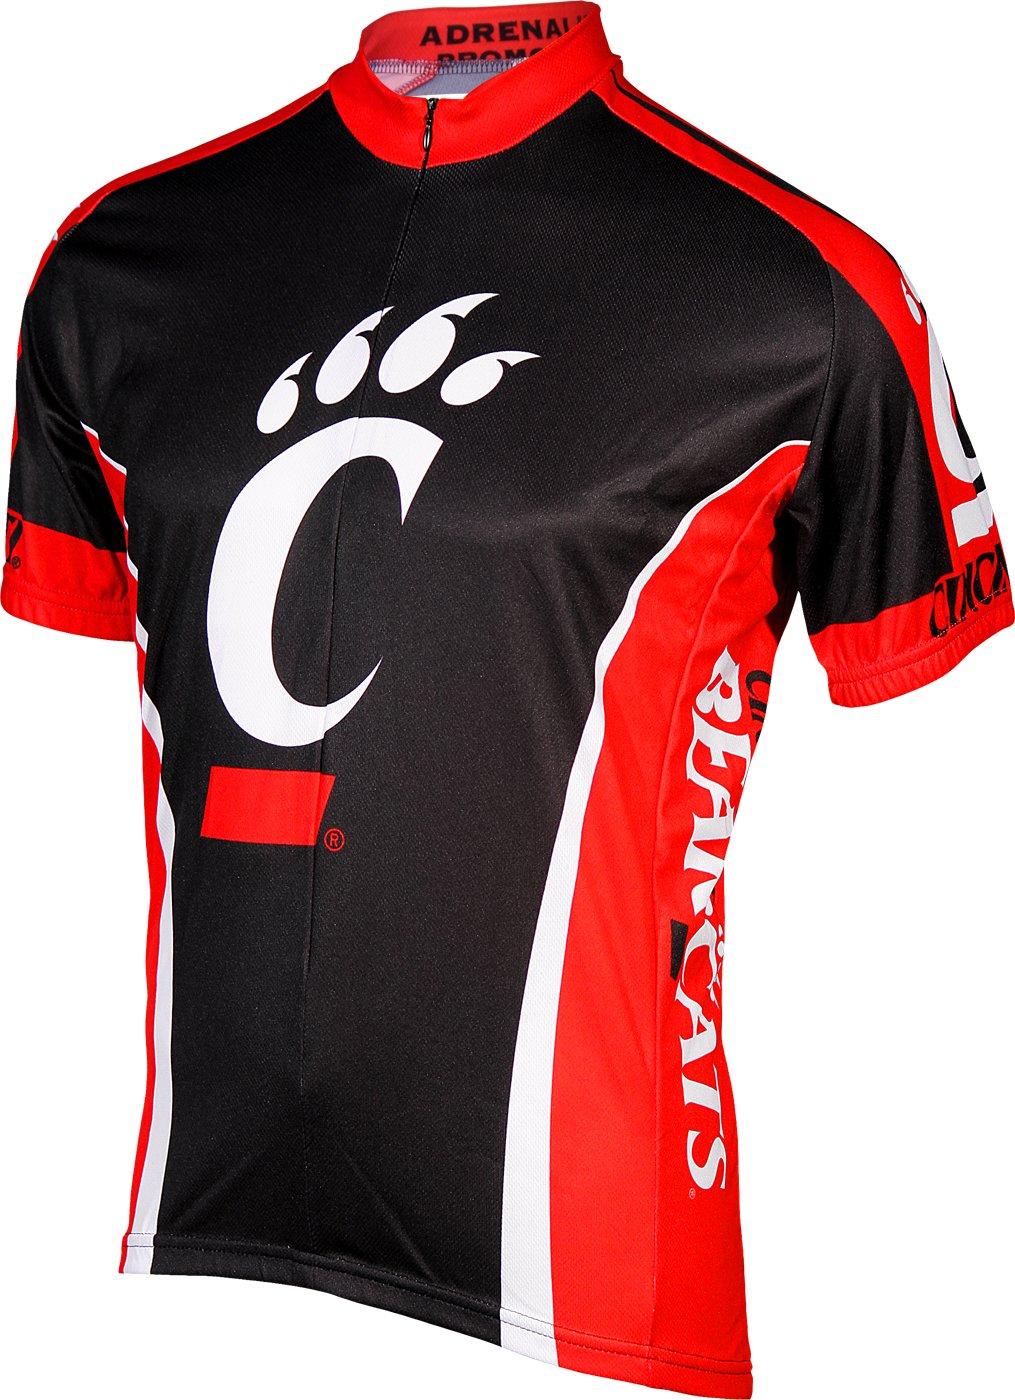 Adrenaline Promotions Cincinnati Radfahren Jersey